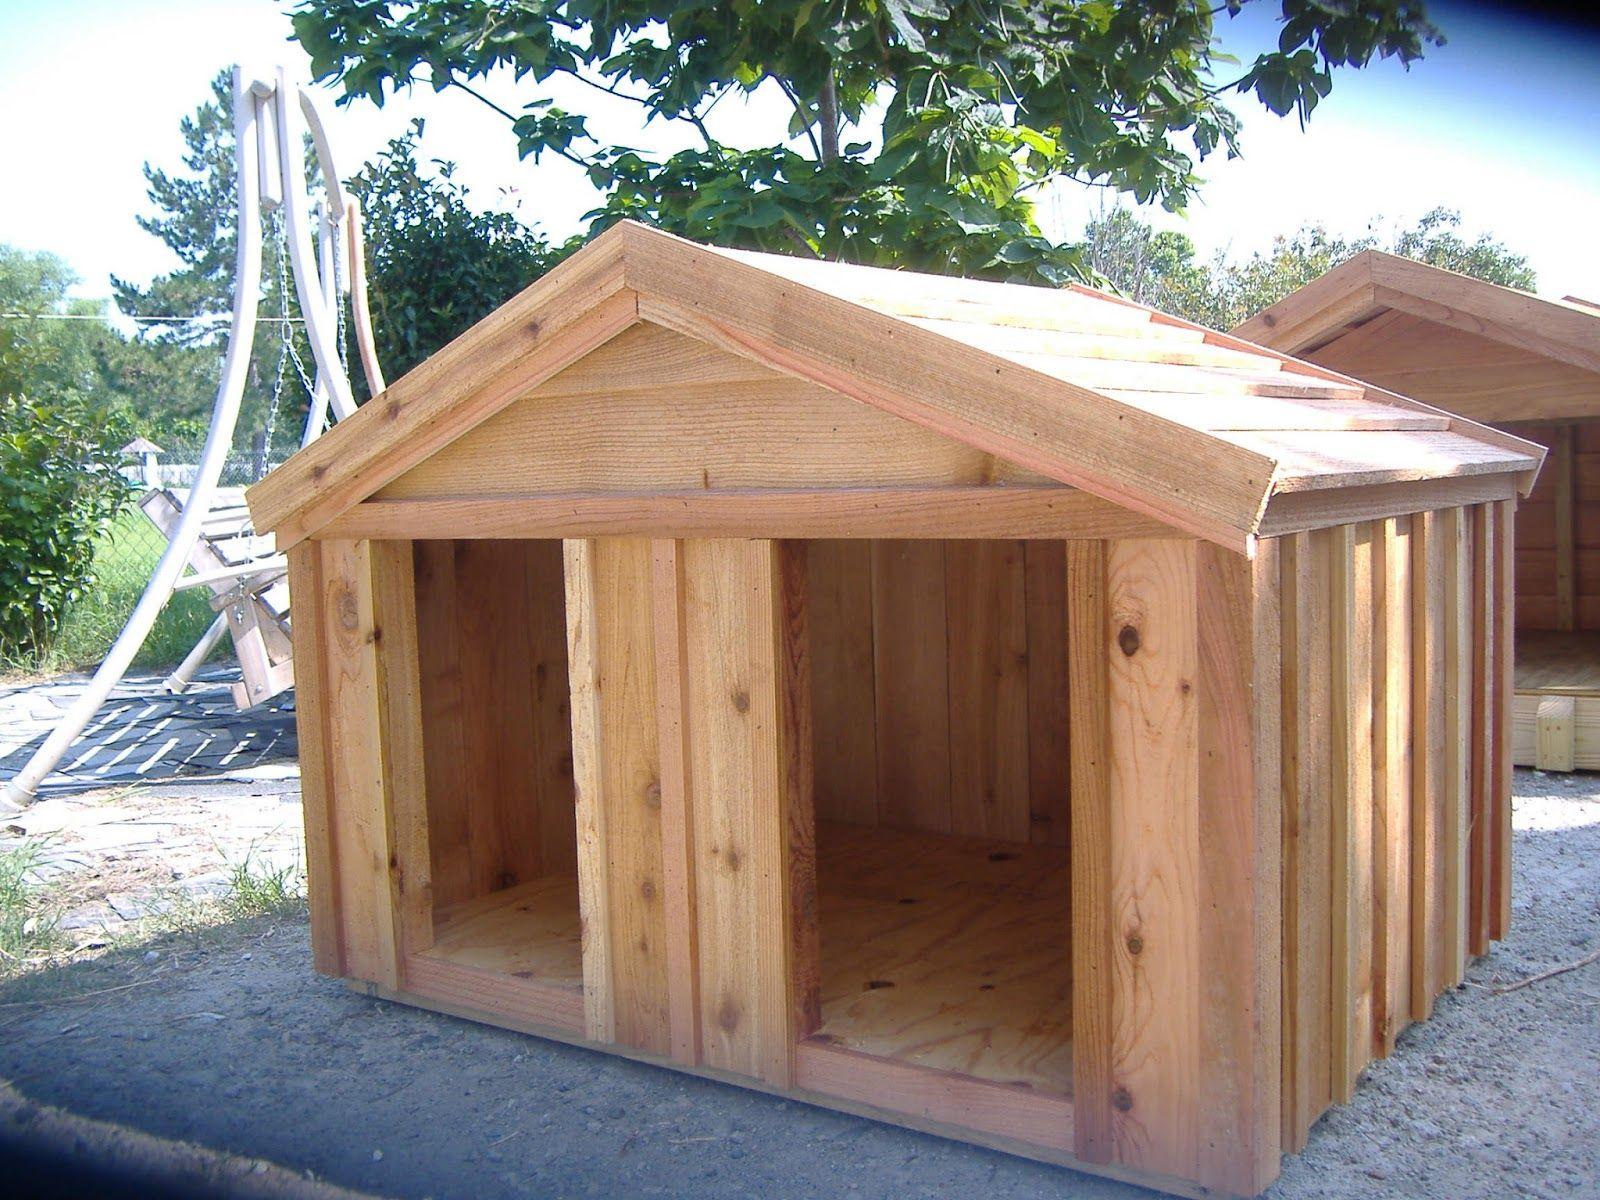 Seluruh Daftar List Download Lagu Terbaru Yang Diberikan Secara Gratis Dan Selalu Update Setiap Saat Untuk Build A Dog House Big Dog House Dog House Blueprints